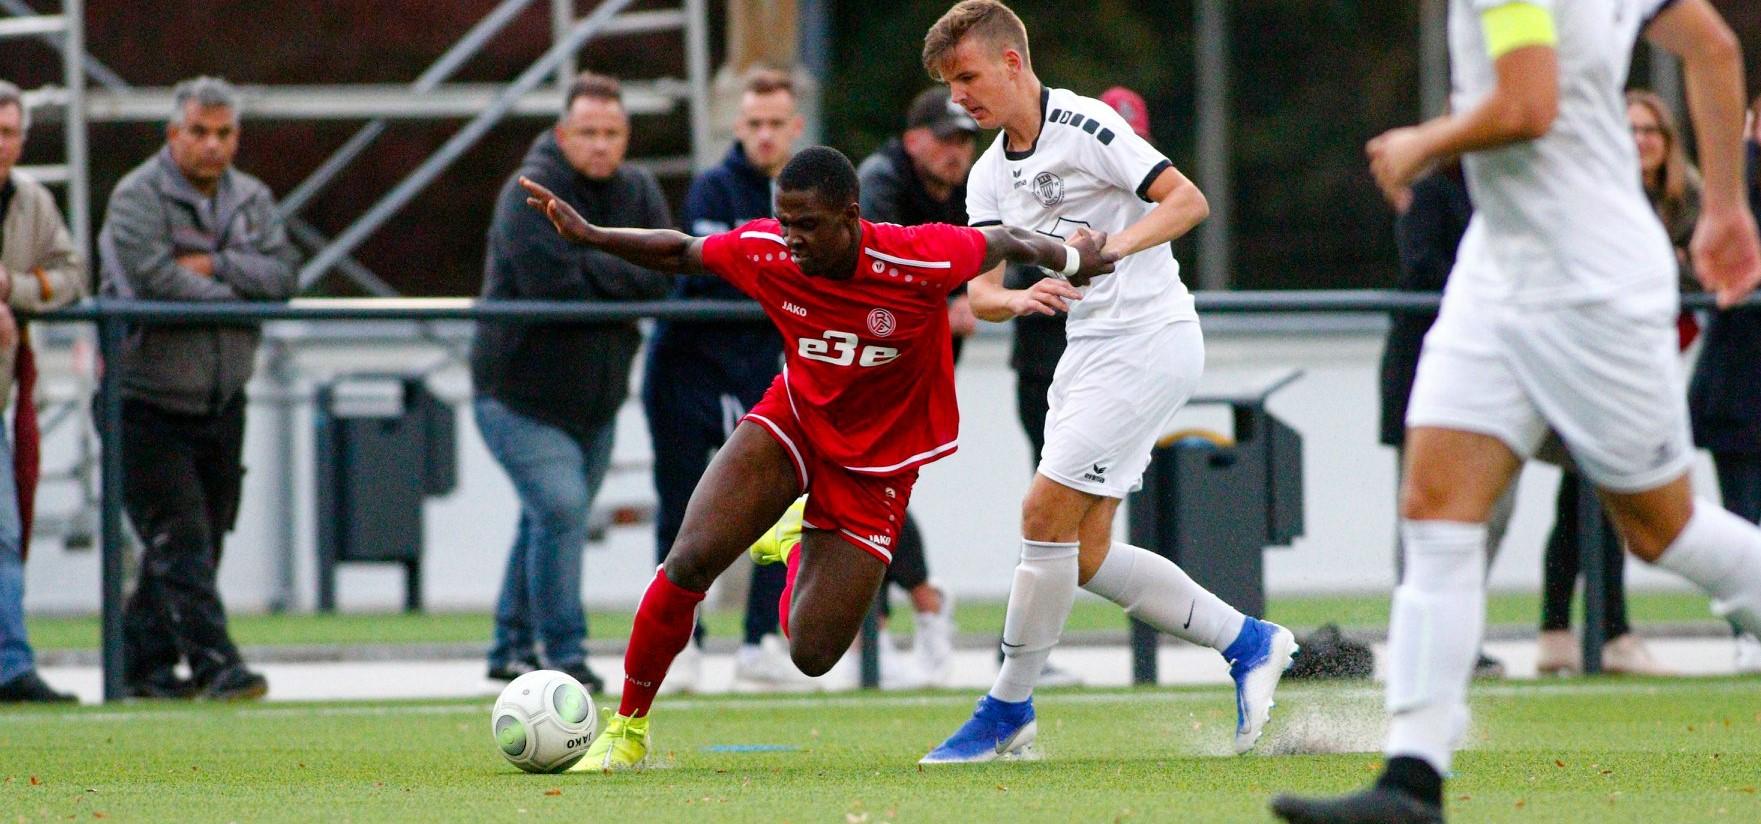 Einen klaren Sieg fuhr die U19 am vergangenen Wochenende gegen Arminia Klosterhardt ein. (Foto: Breilmanns Wiese)